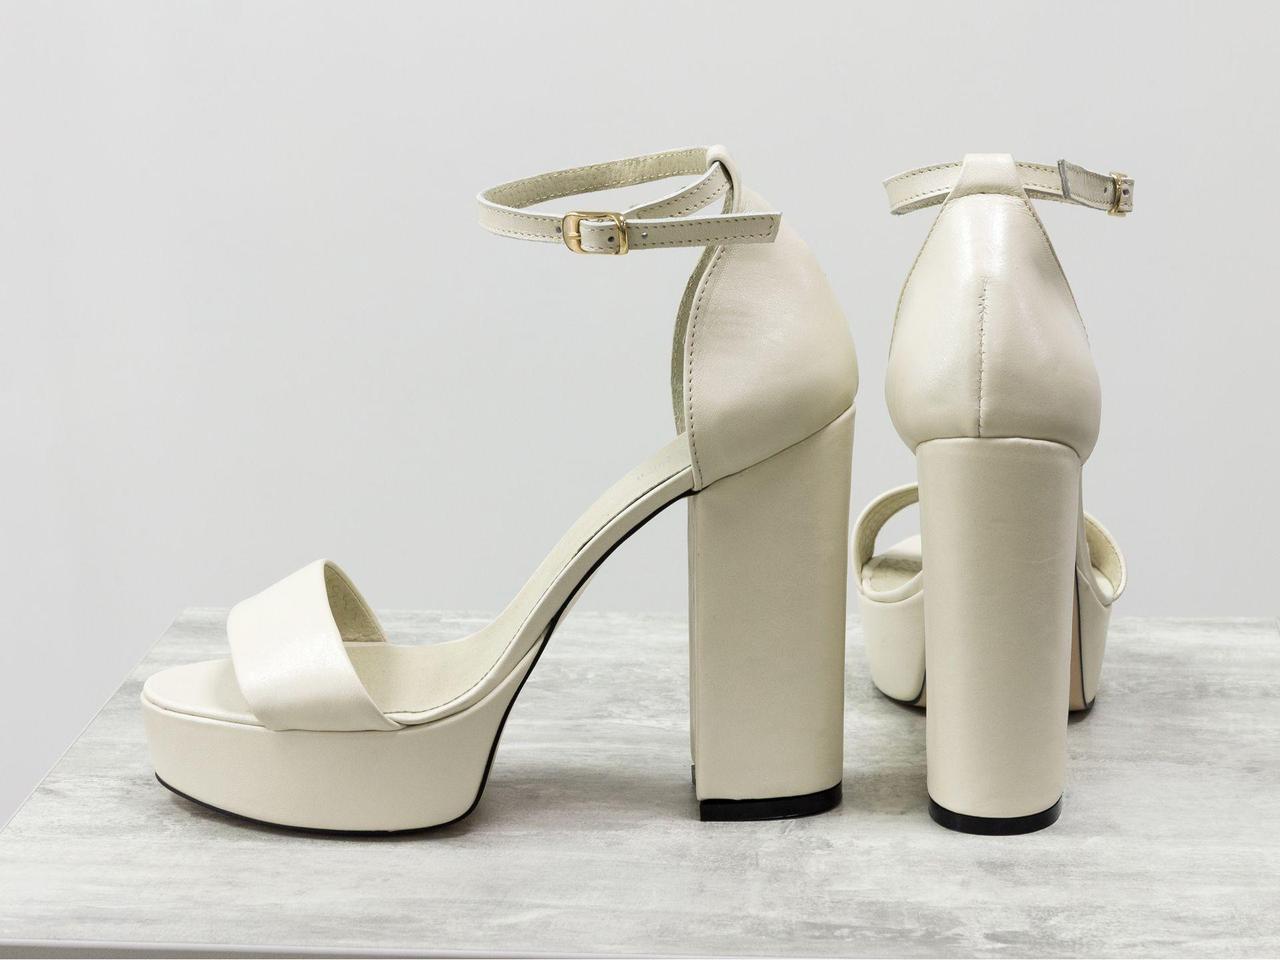 Босоножки из натуральной кожи нежно молочного цвета с обтяжным высоким каблуком